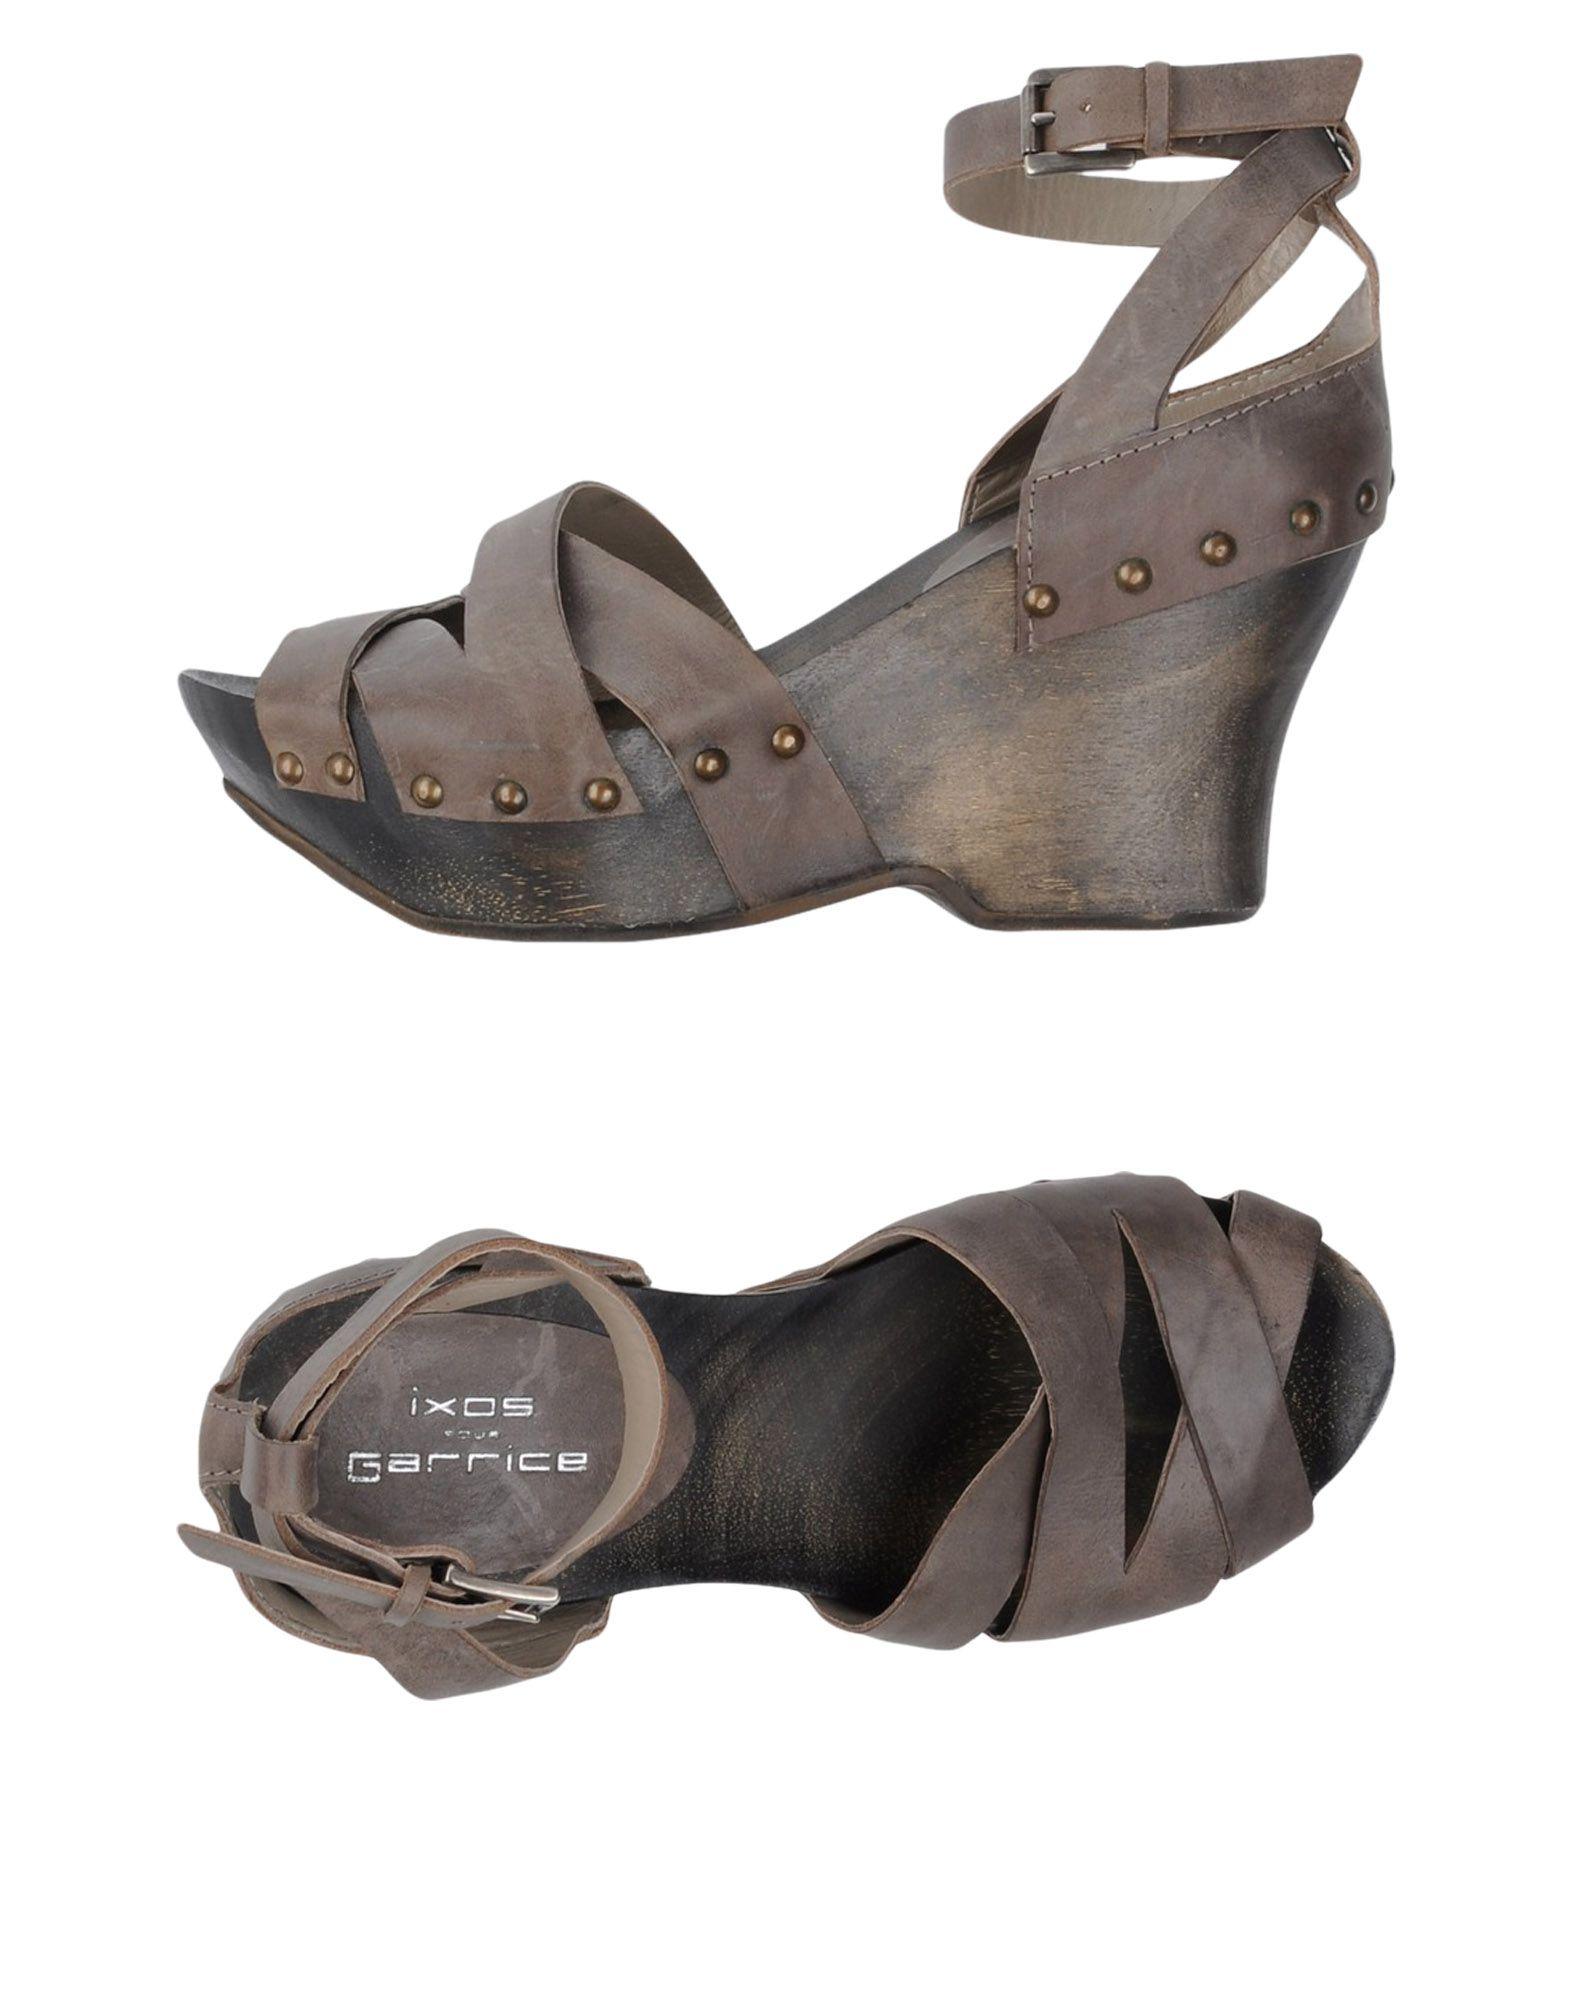 Moda Sandali Sandali Moda Garrice Donna - 11302880VJ 5ba872